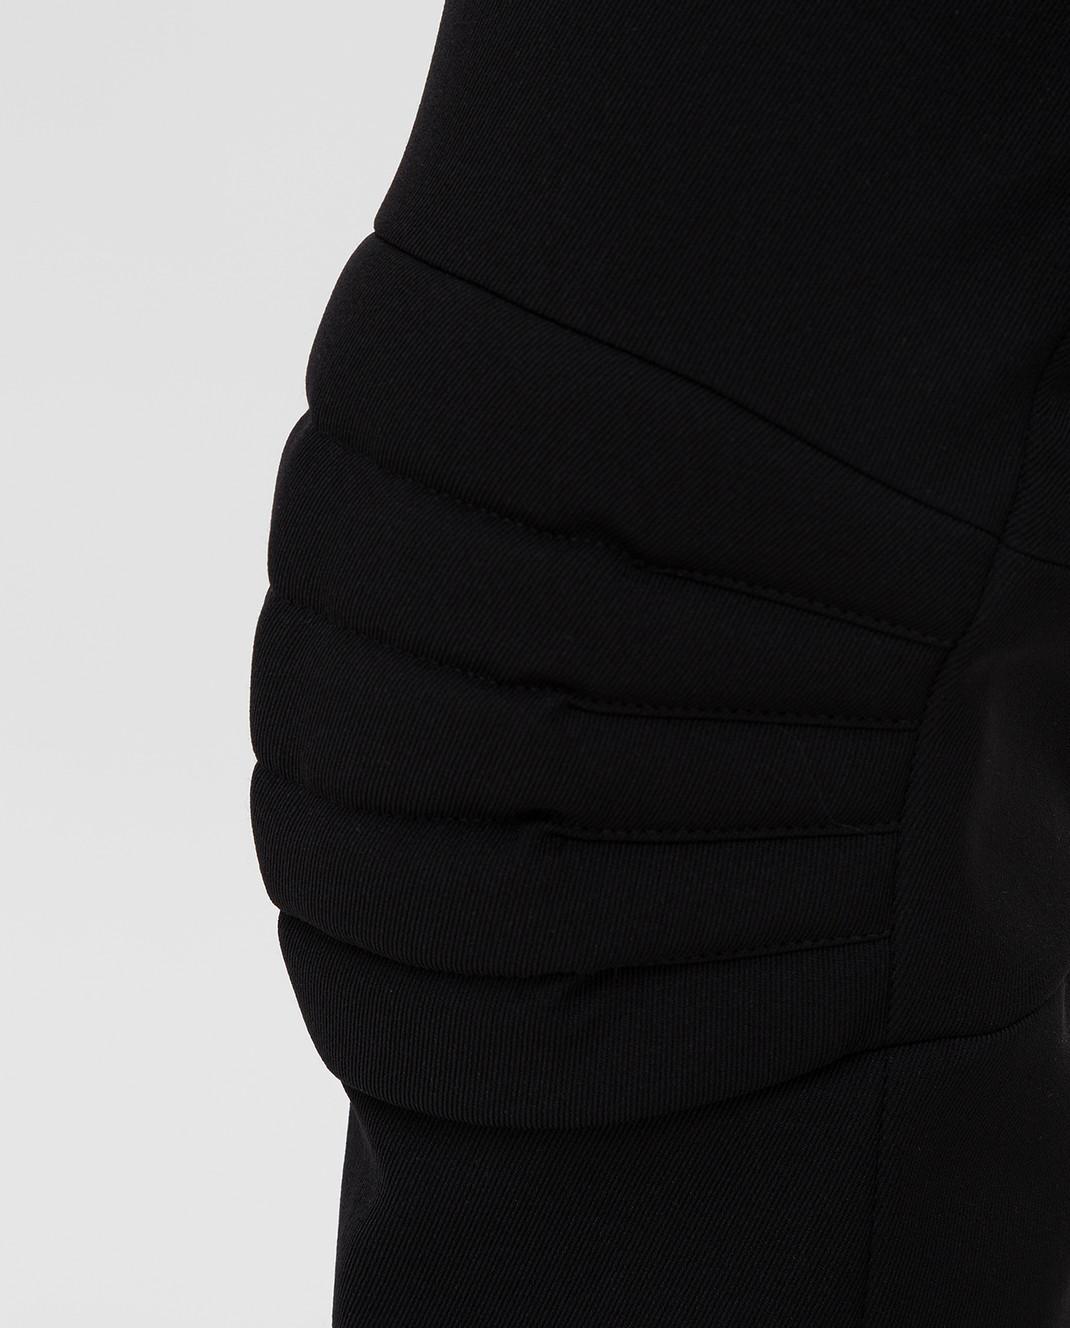 Moncler Grenoble Черные горнолыжные брюки изображение 5